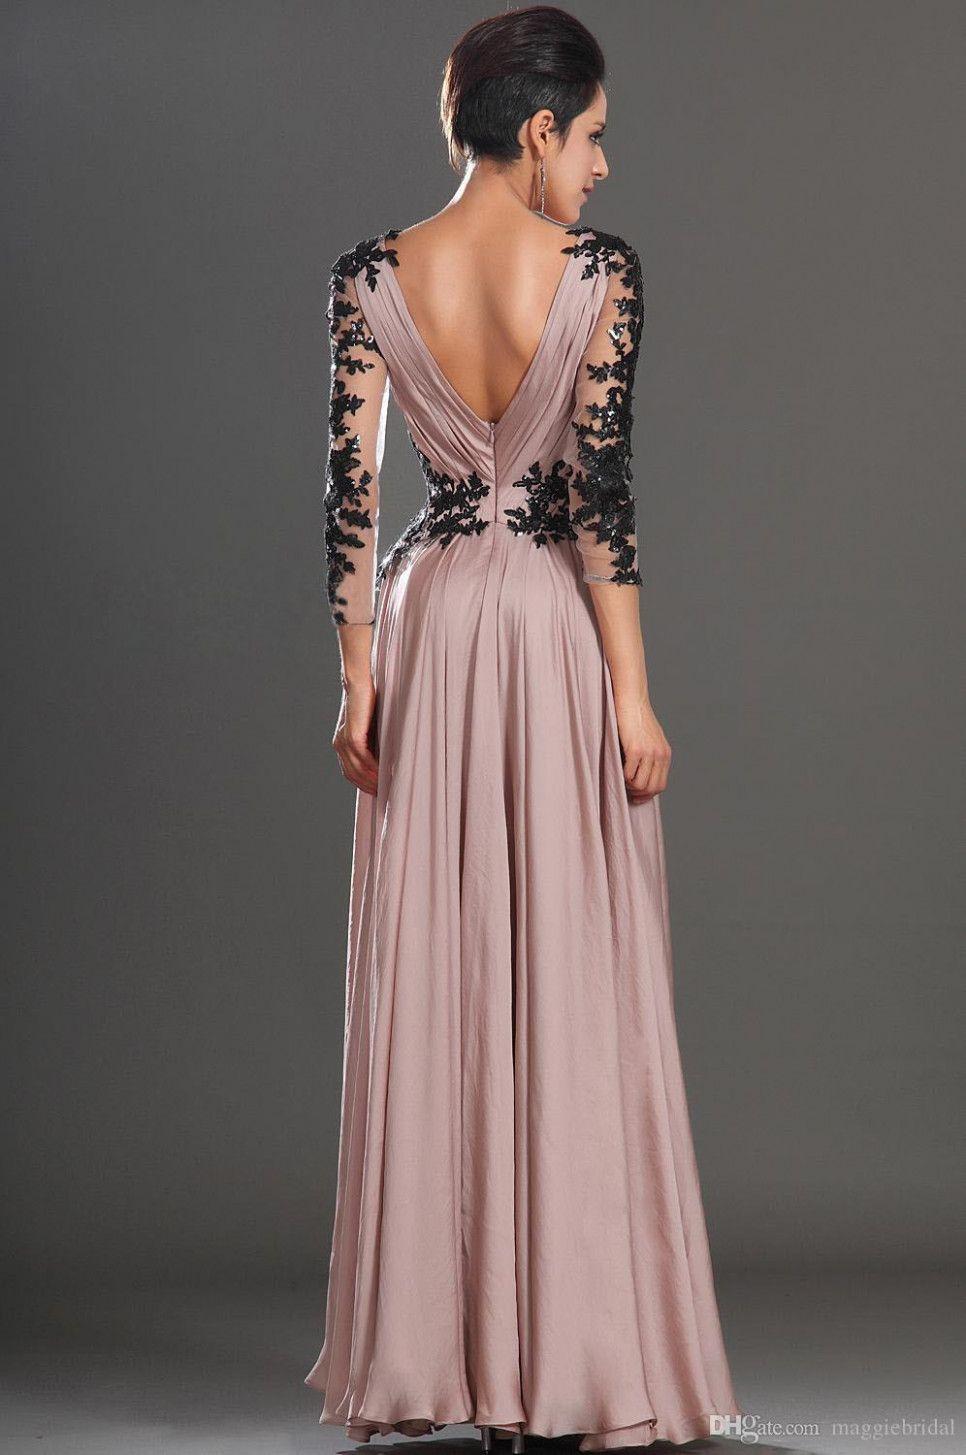 8 Extravagante Abendkleider in 8  Abendkleid, Ballkleid